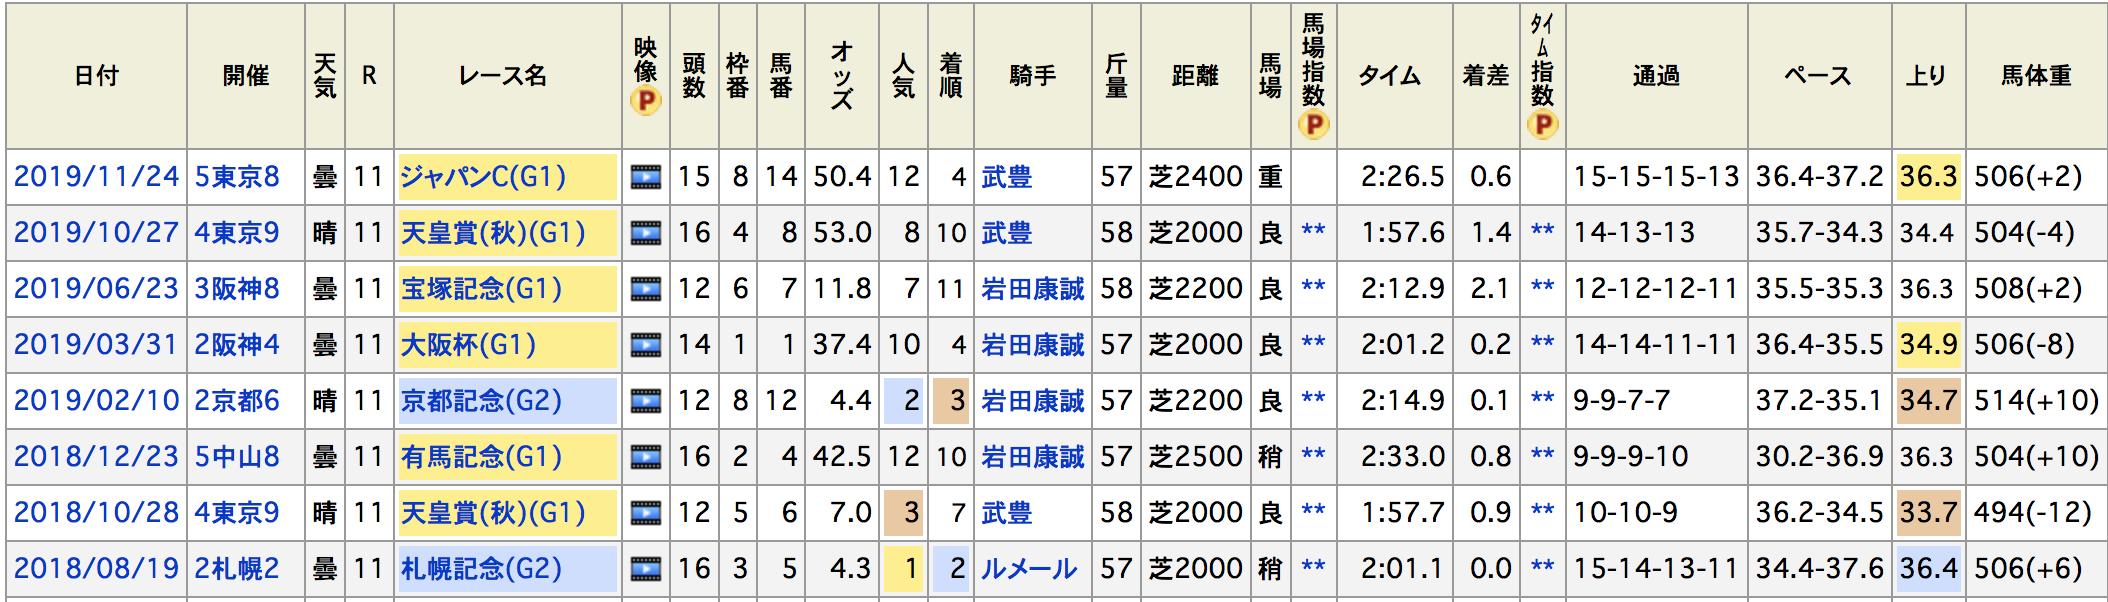 有馬記念2019ジャパンカップマカヒキ